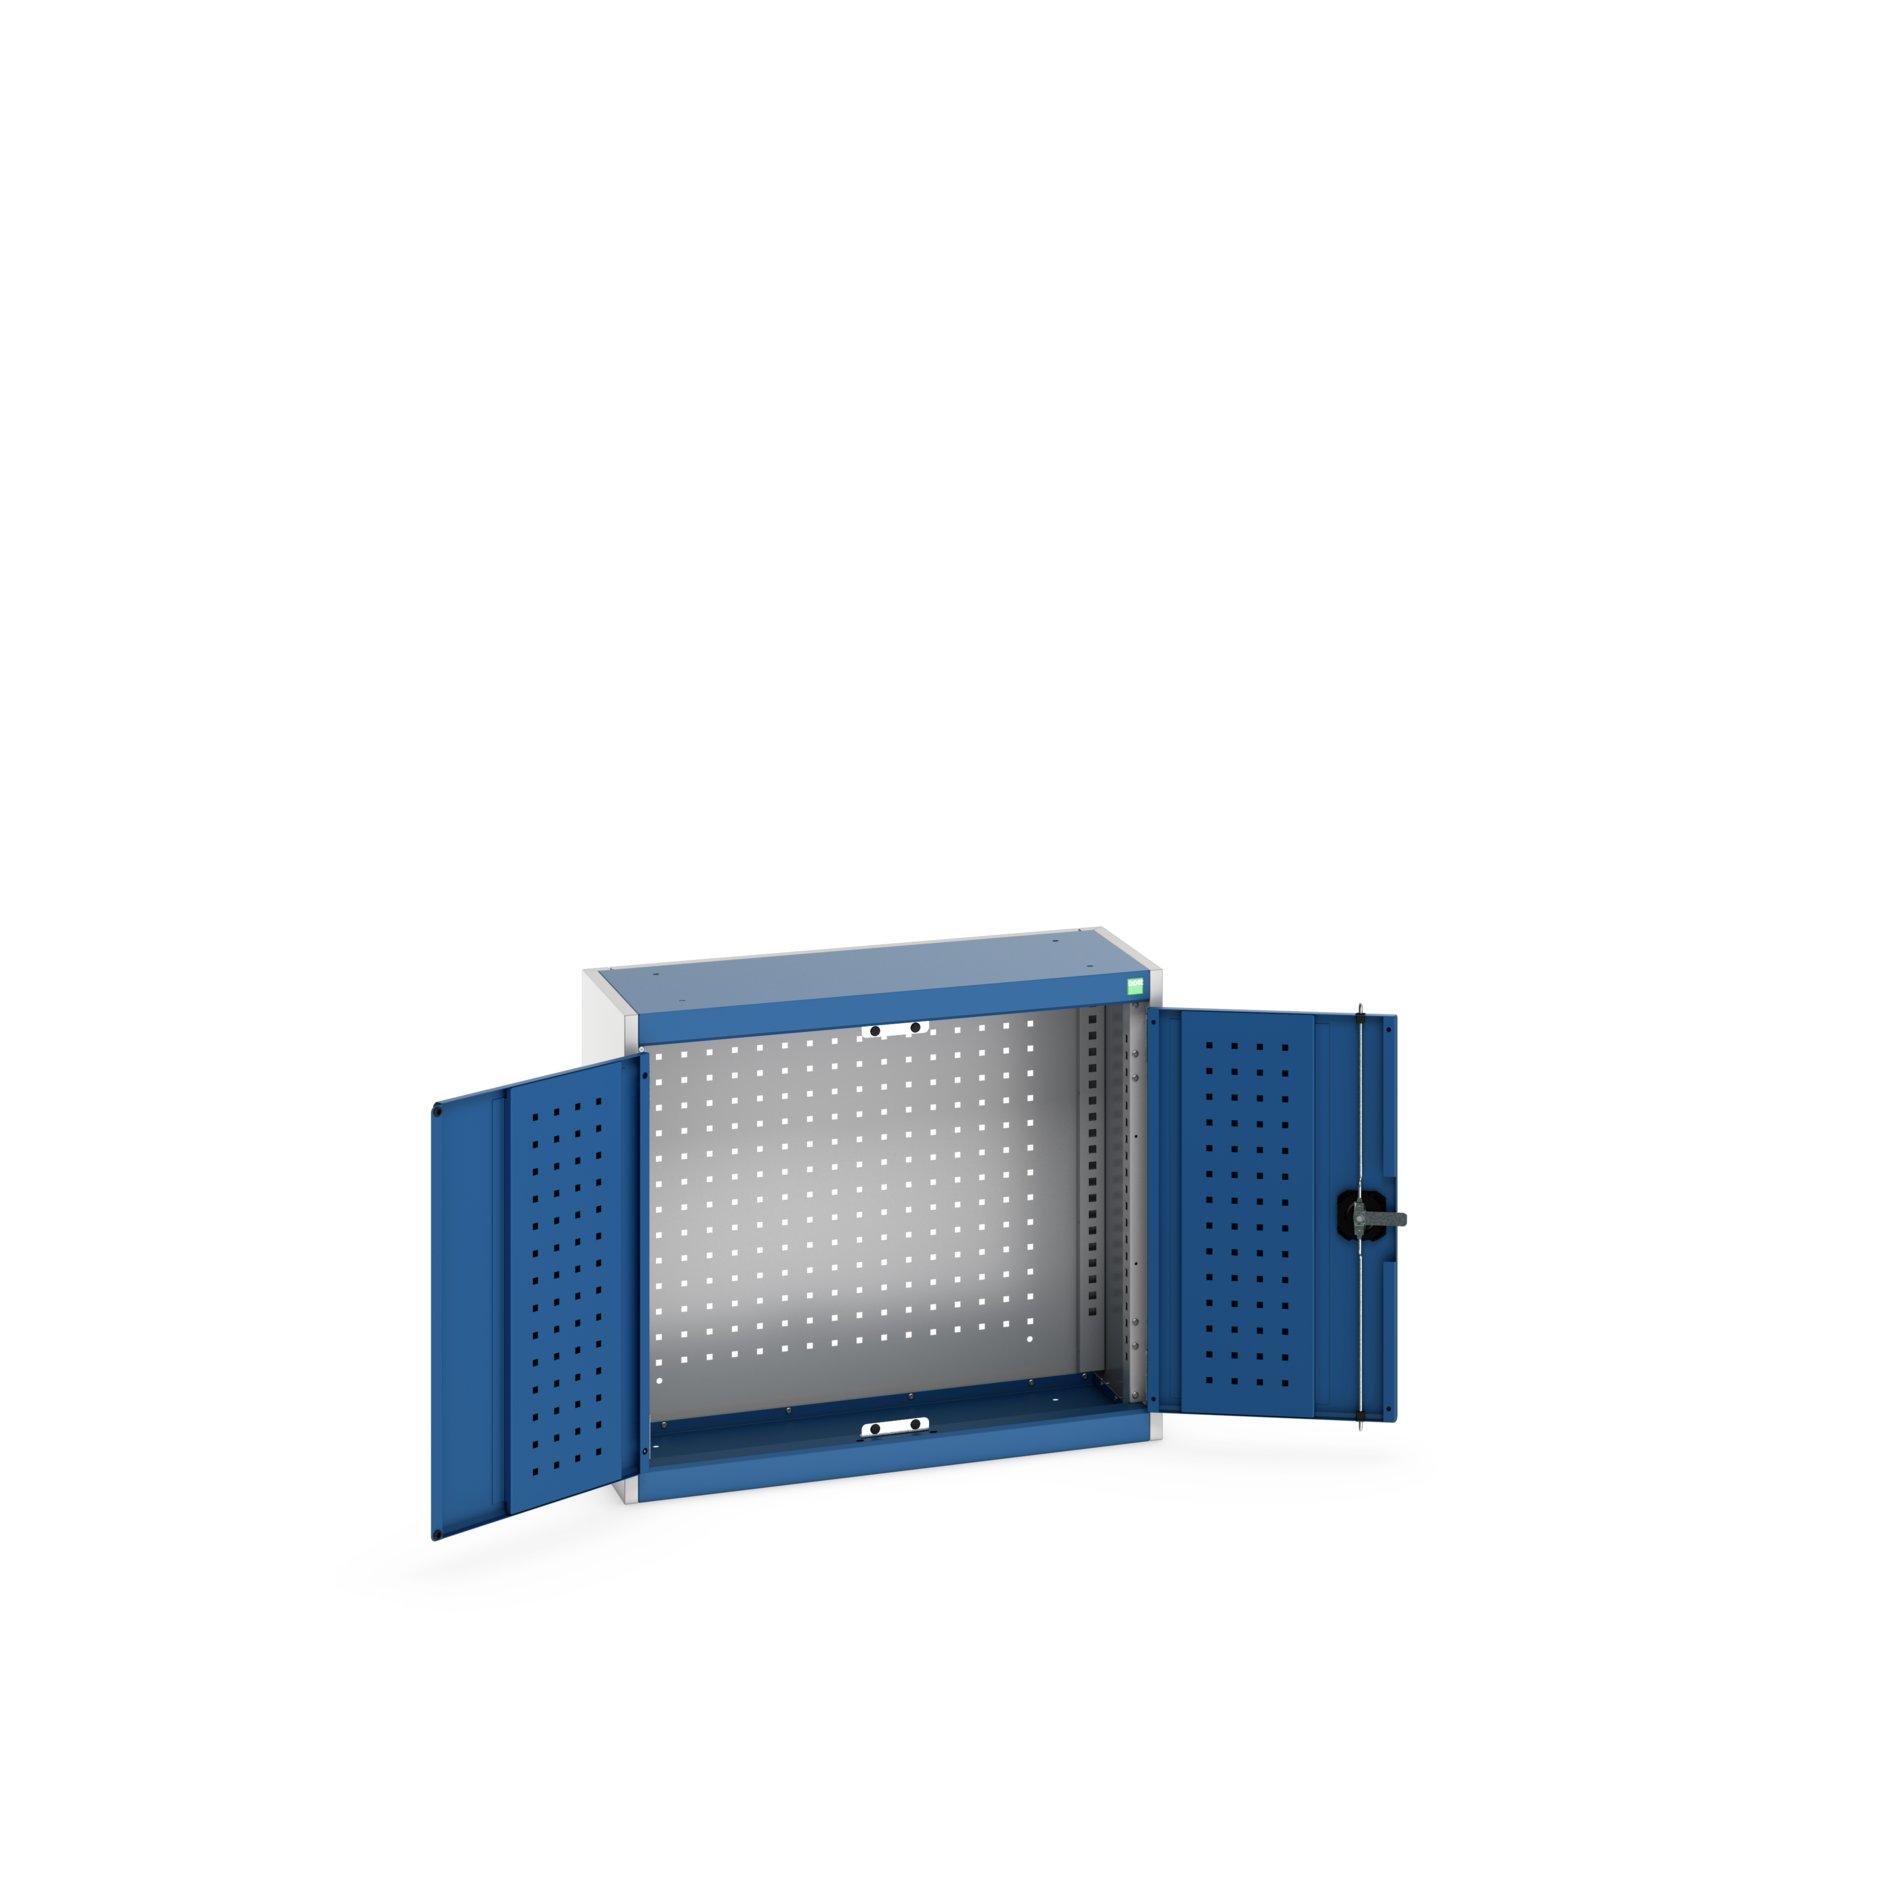 Bott Cubio Wall Cupboard